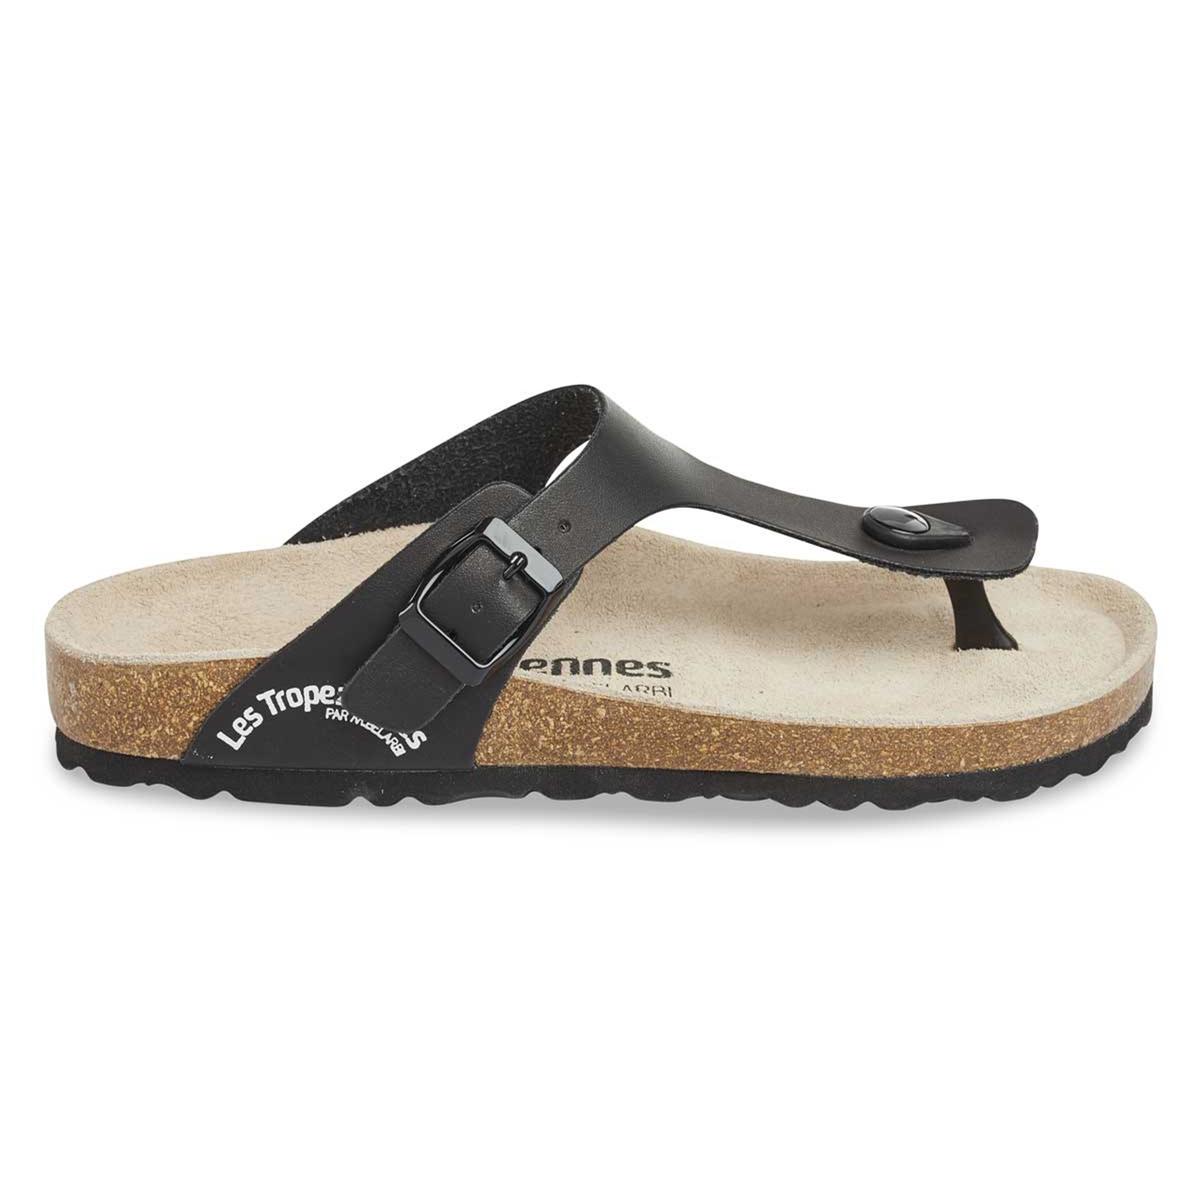 Вьетнамки PrimoВерх/Голенище: Синтетика.   Стелька: Неотделанная кожа.  Подошва: Синтетика.   Форма каблука: Плоский каблук.  Мысок: Закругленный.  Застежка: На молнию.<br><br>Цвет: светло-розовый,черный<br>Размер: 40.41.38